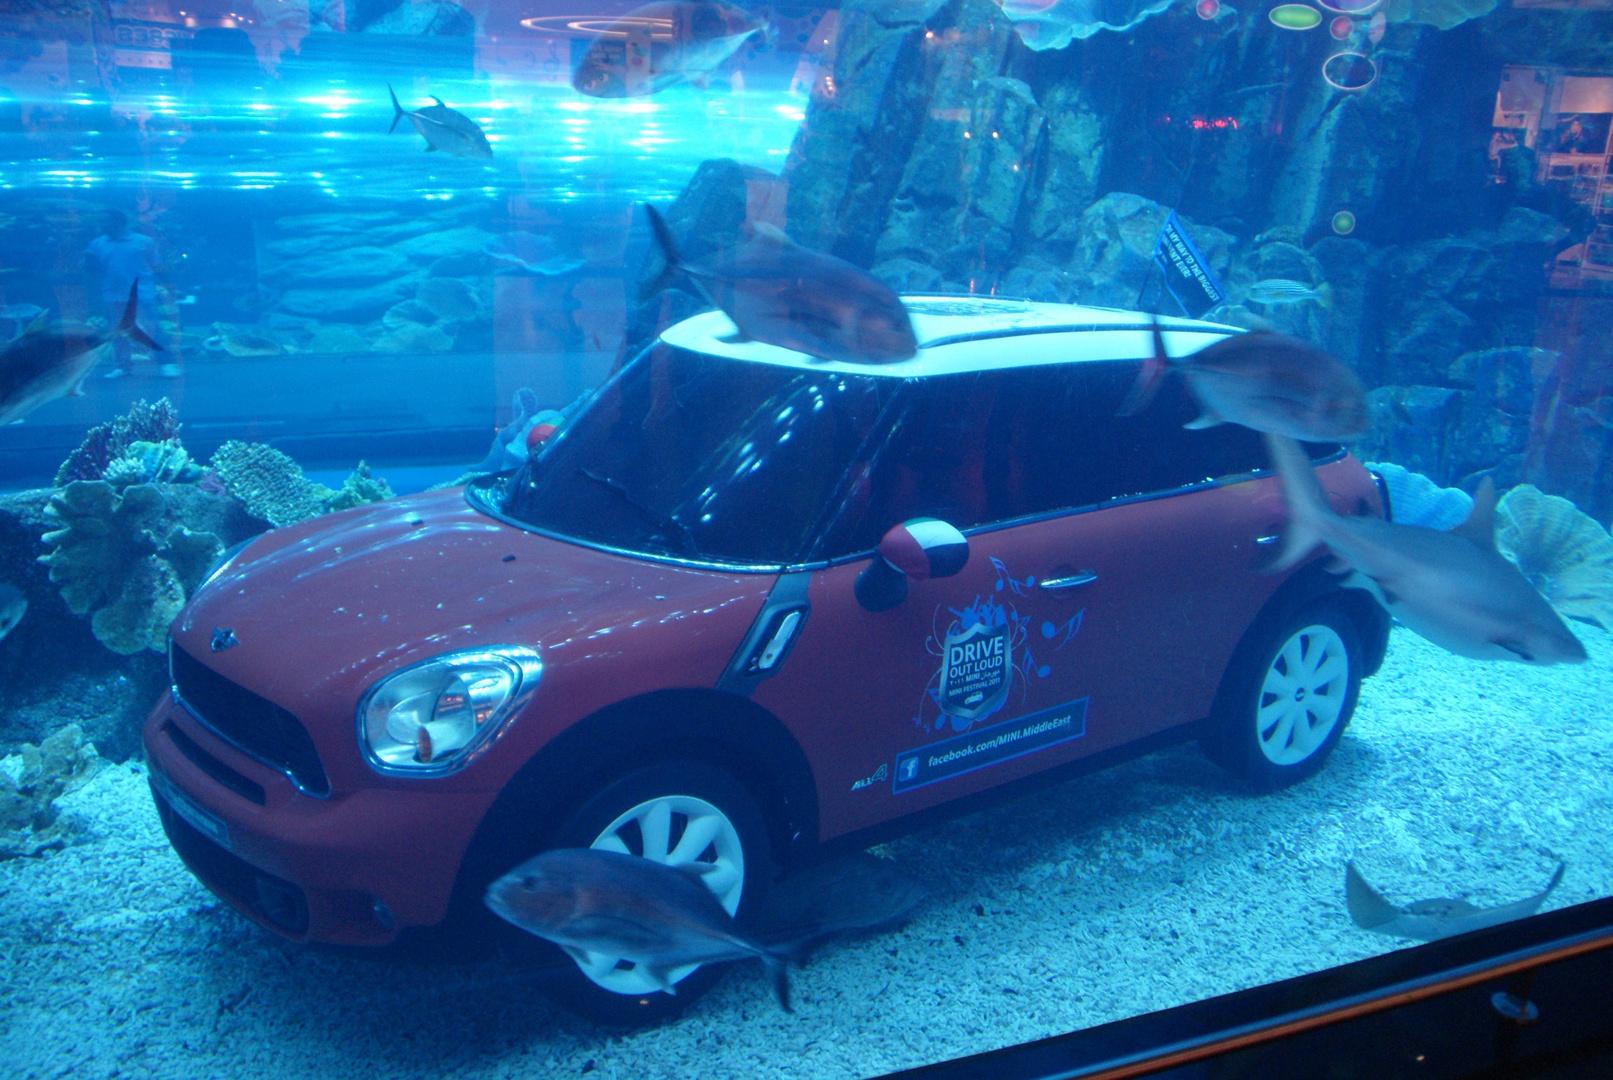 Mini Underwater In Aquarium Foto Bild Autos Zweirader Pkw Verkehr Fahrzeuge Bilder Auf Fotocommunity